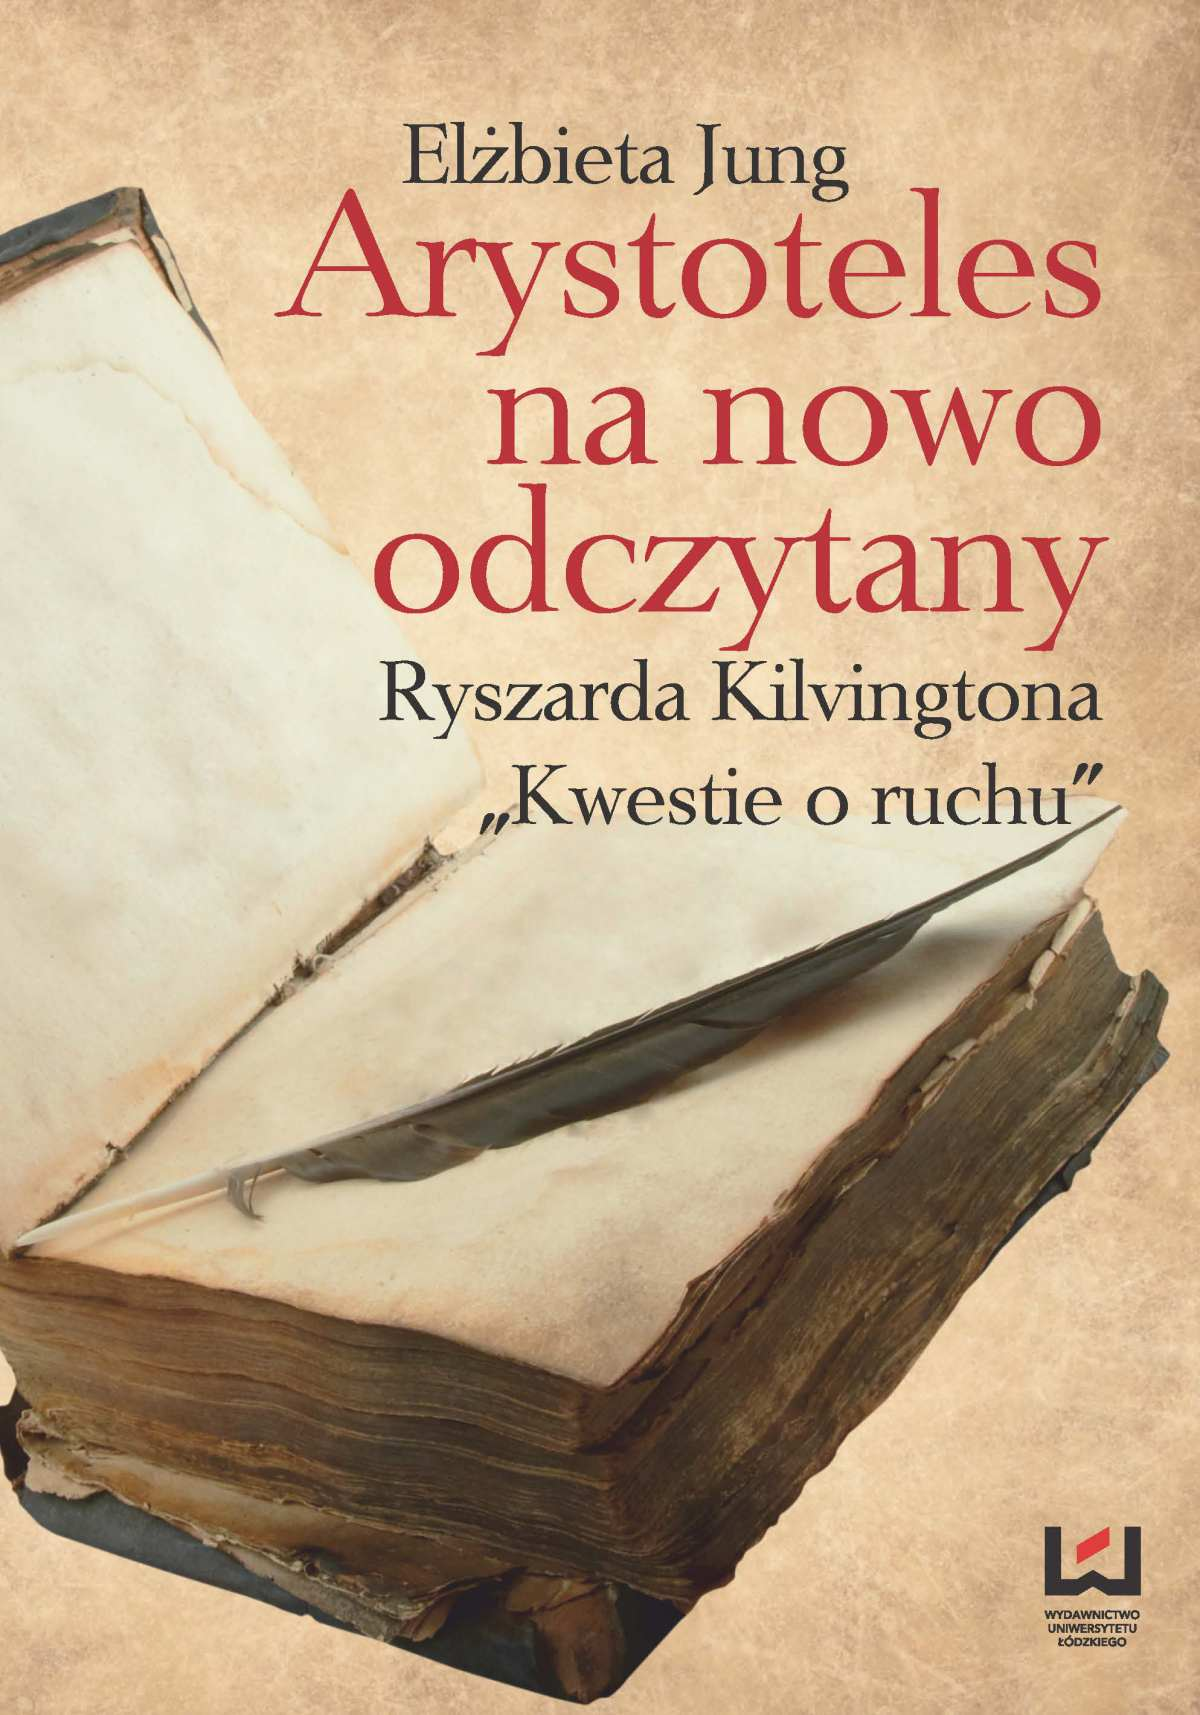 """Arystoteles na nowo odczytany. Ryszarda Kilvingtona """"Kwestie o ruchu"""" - Ebook (Książka PDF) do pobrania w formacie PDF"""